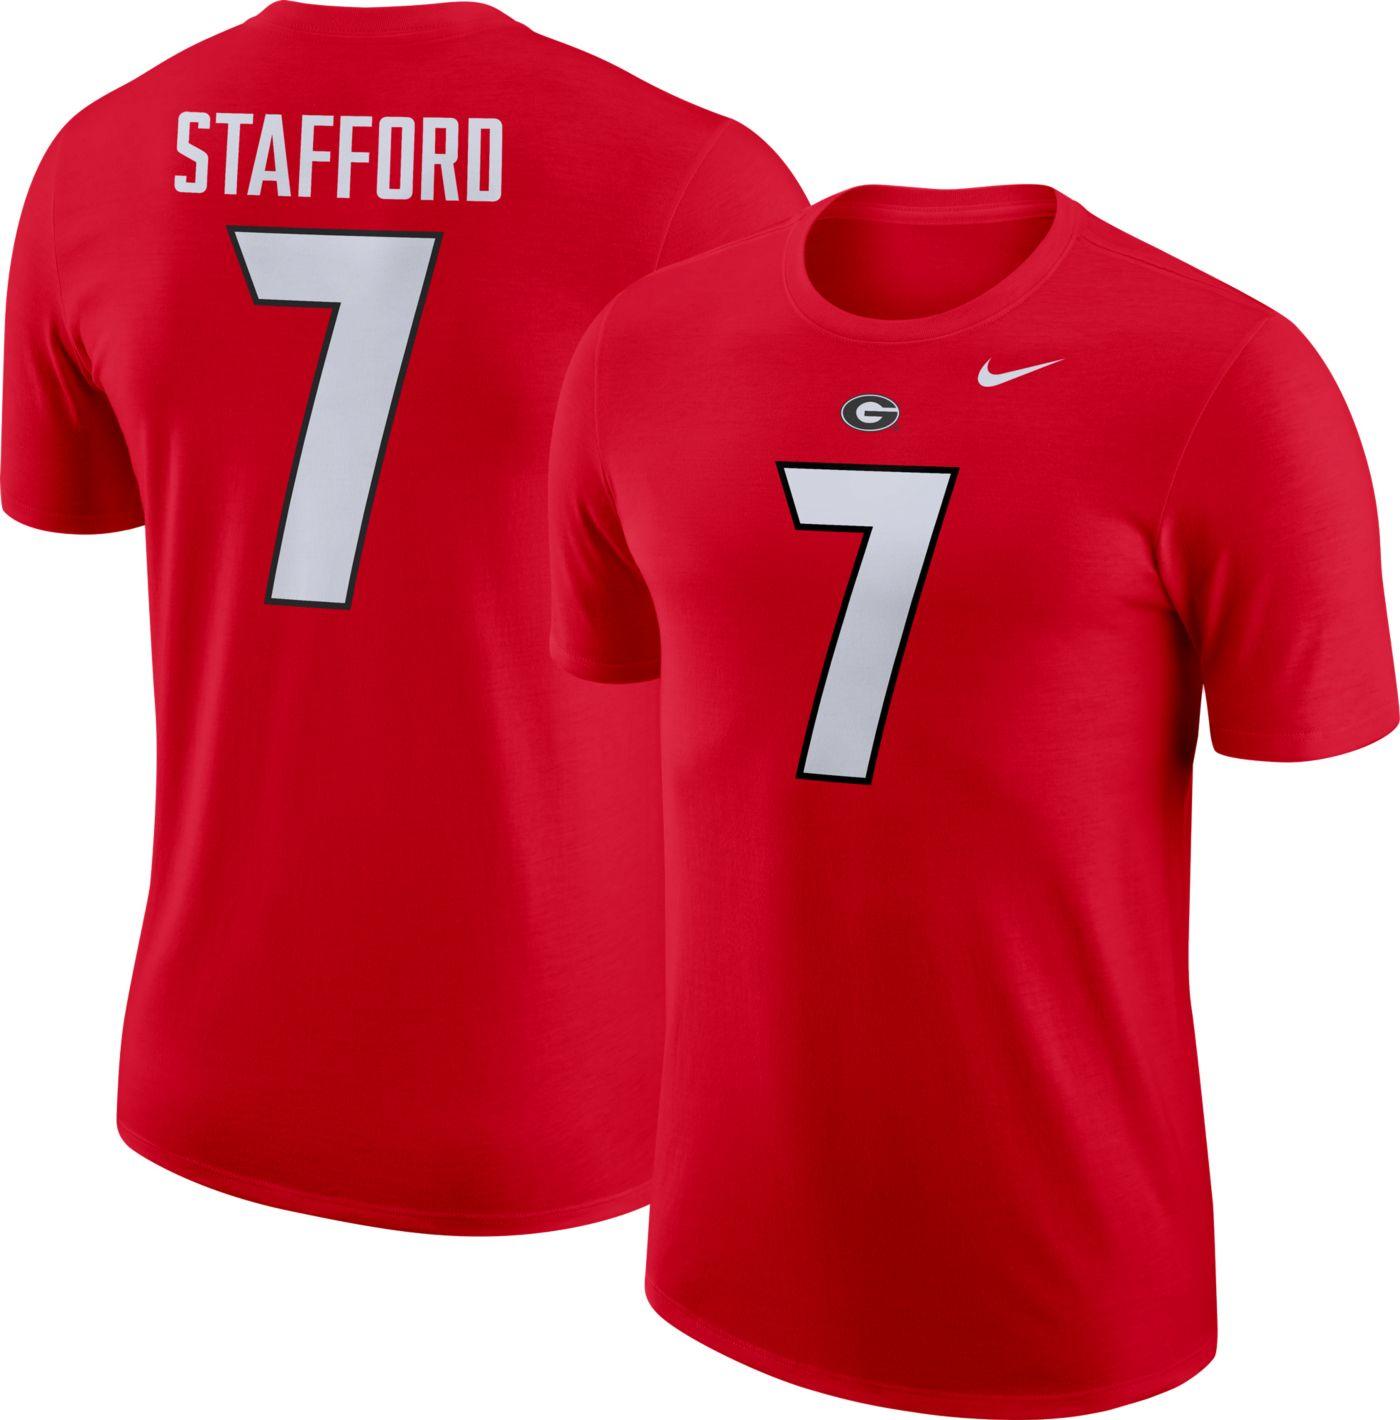 Nike Men's Georgia Bulldogs Matthew Stafford #7 Red Dri-FIT Football Jersey T-Shirt